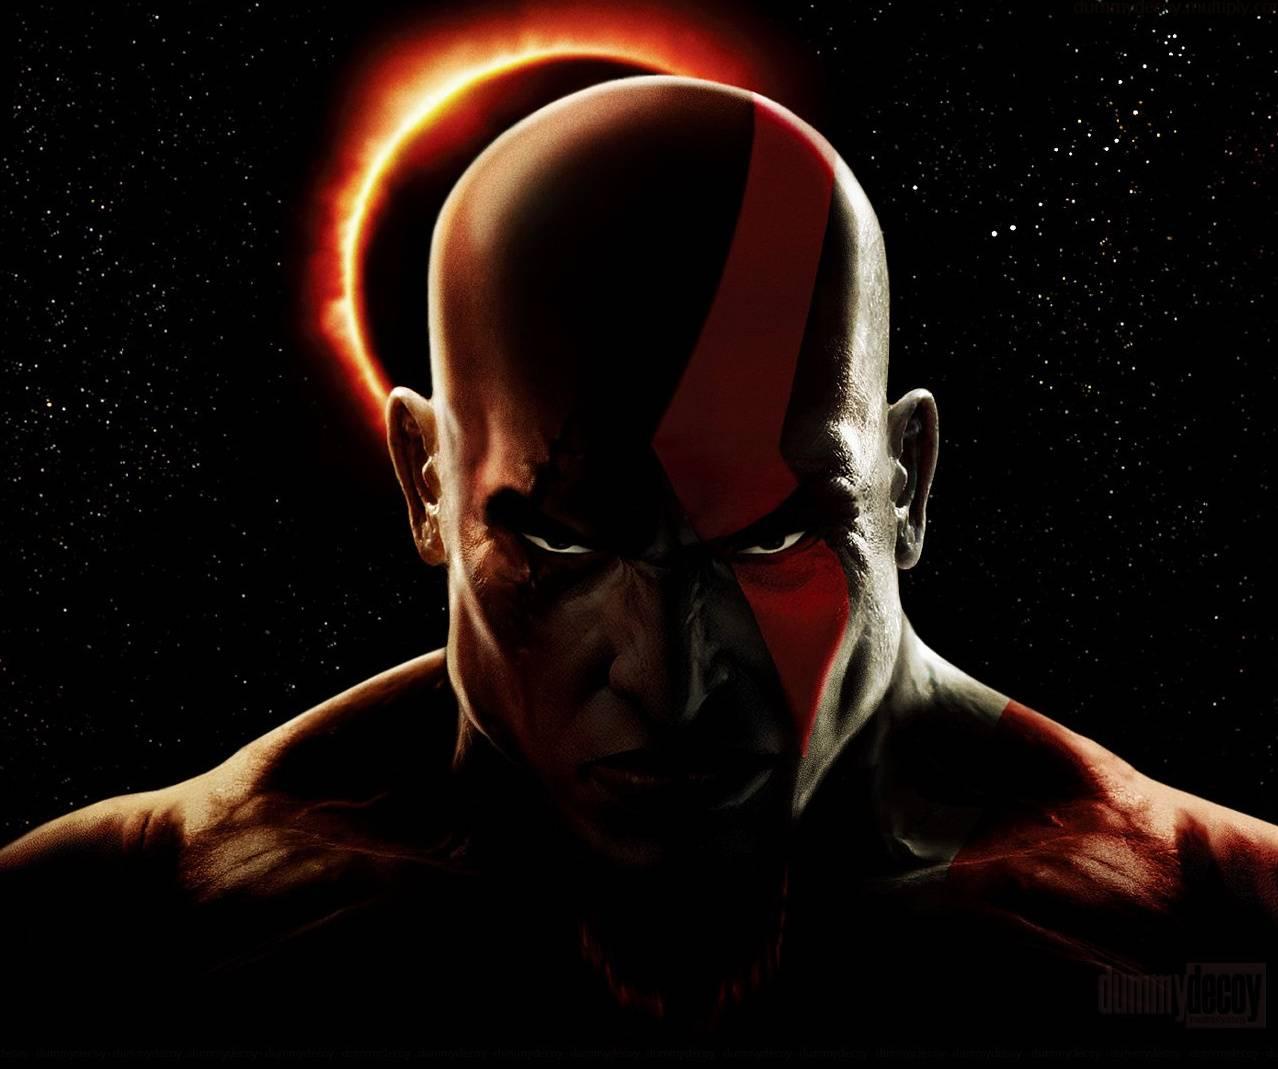 Kratos Eclipse